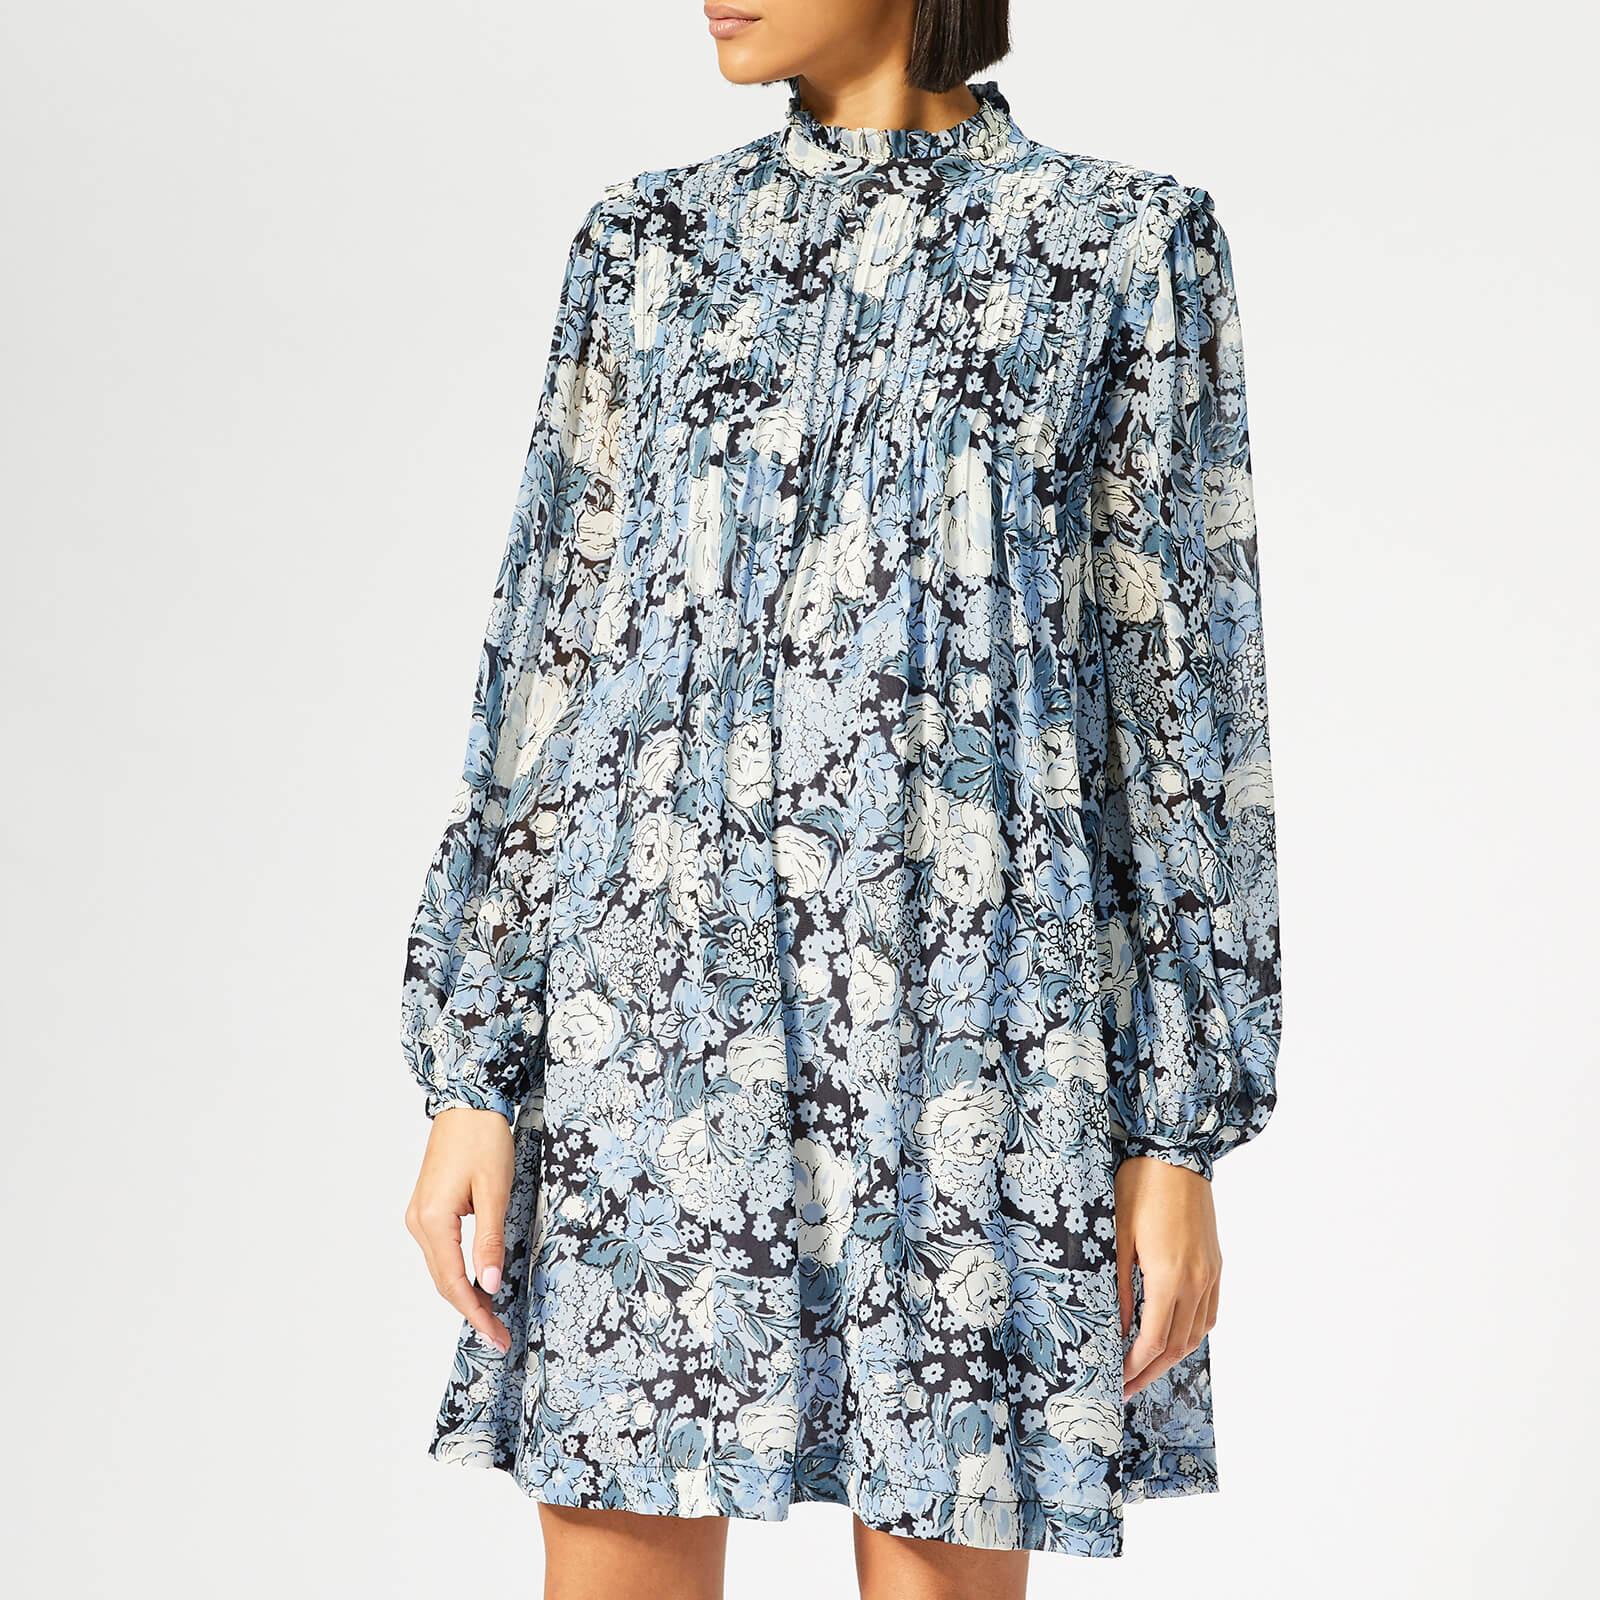 7dde2487af Ganni Women's Elm Georgette Mini Dress - Heather - Free UK Delivery over £50